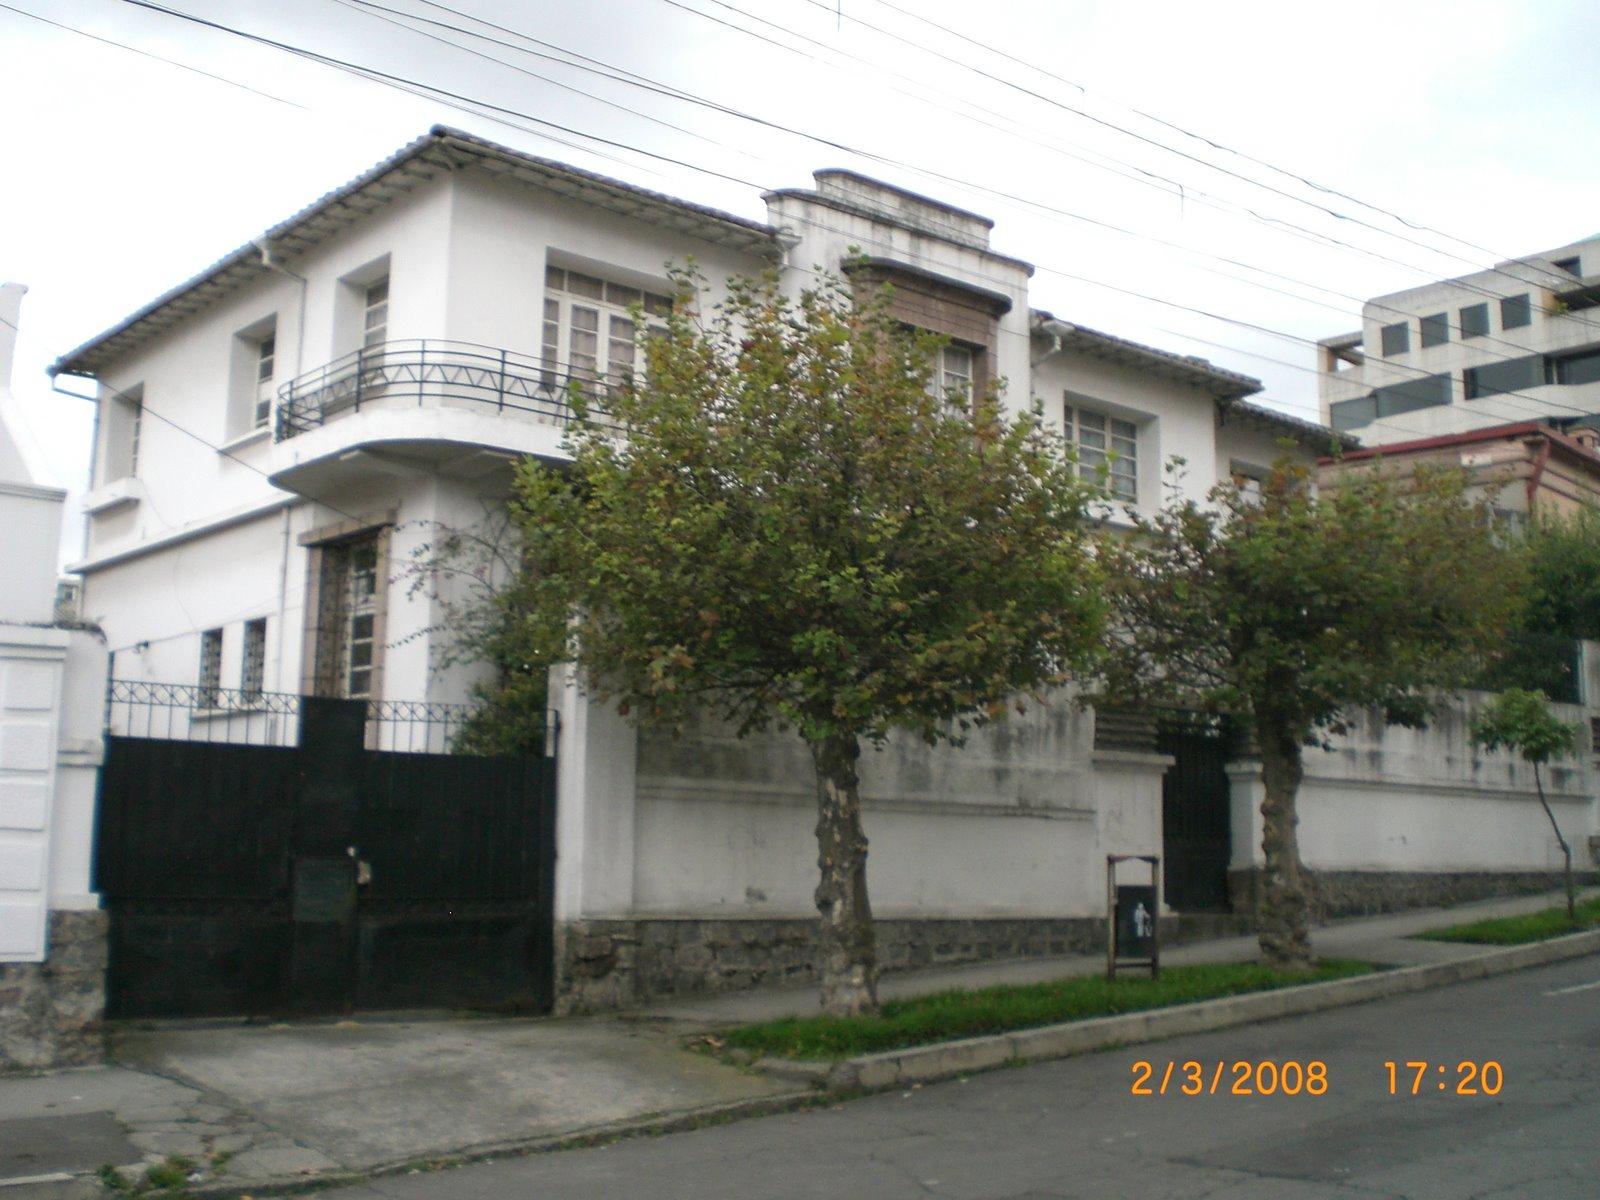 Ventacompra vendo casa quito ecuador - Casas en quito ecuador ...